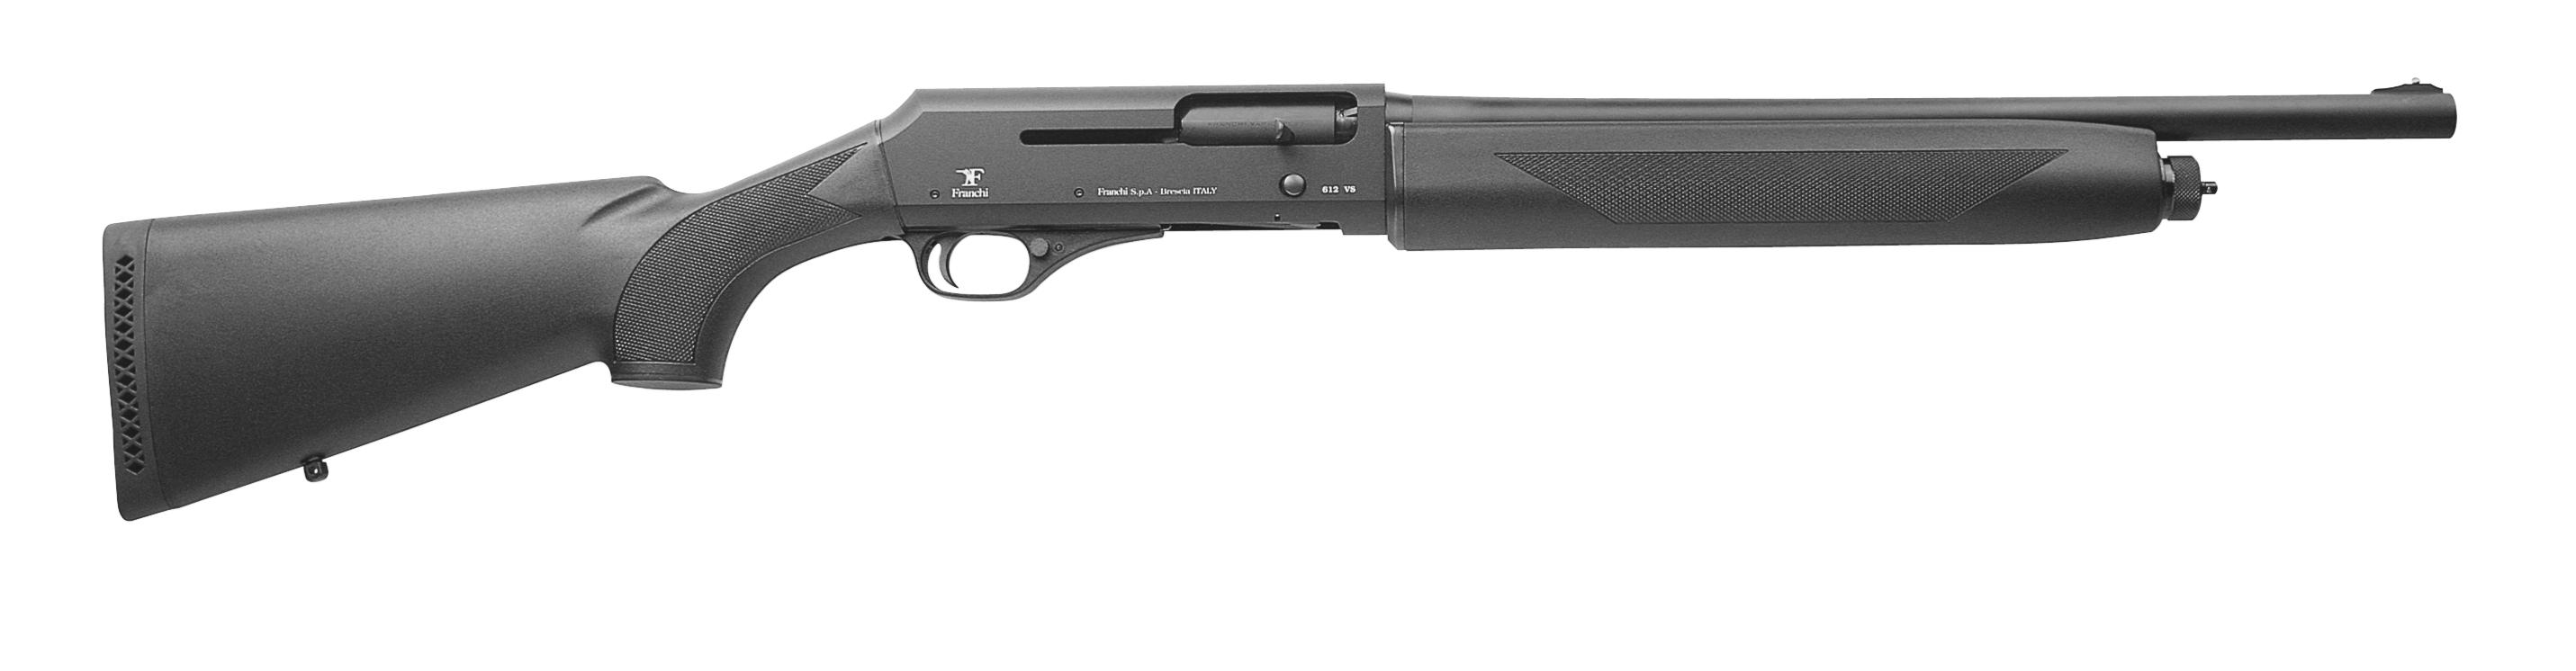 Variopress 612 Defense